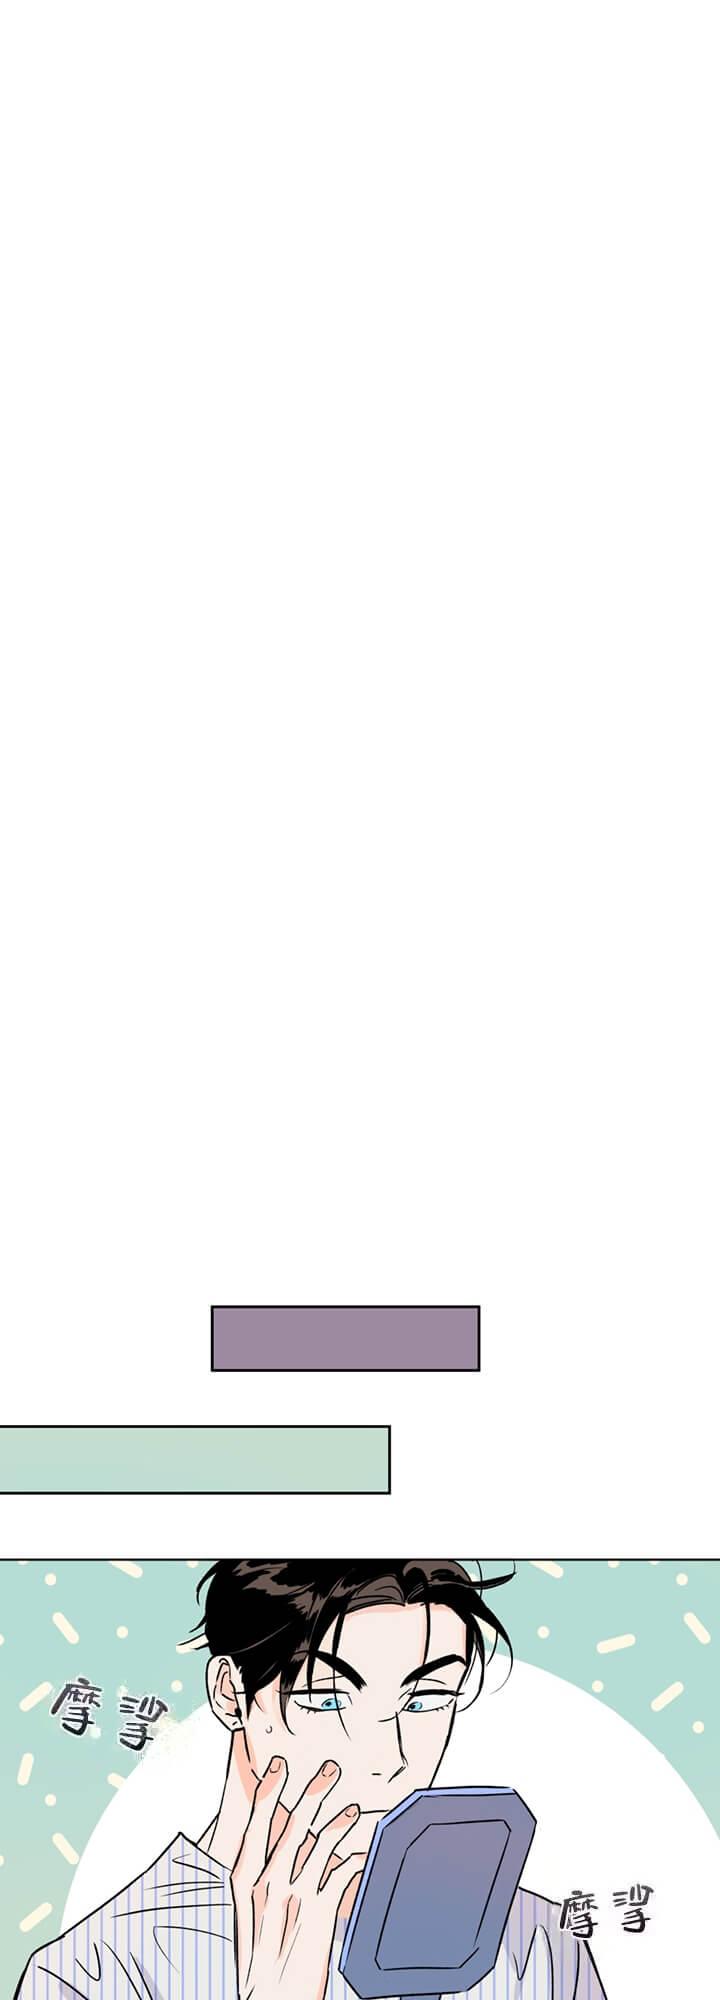 韩漫 | 《关上闪光灯》从厌恶到恋人,雇佣兵的灵魂&艺人的身体  第17张